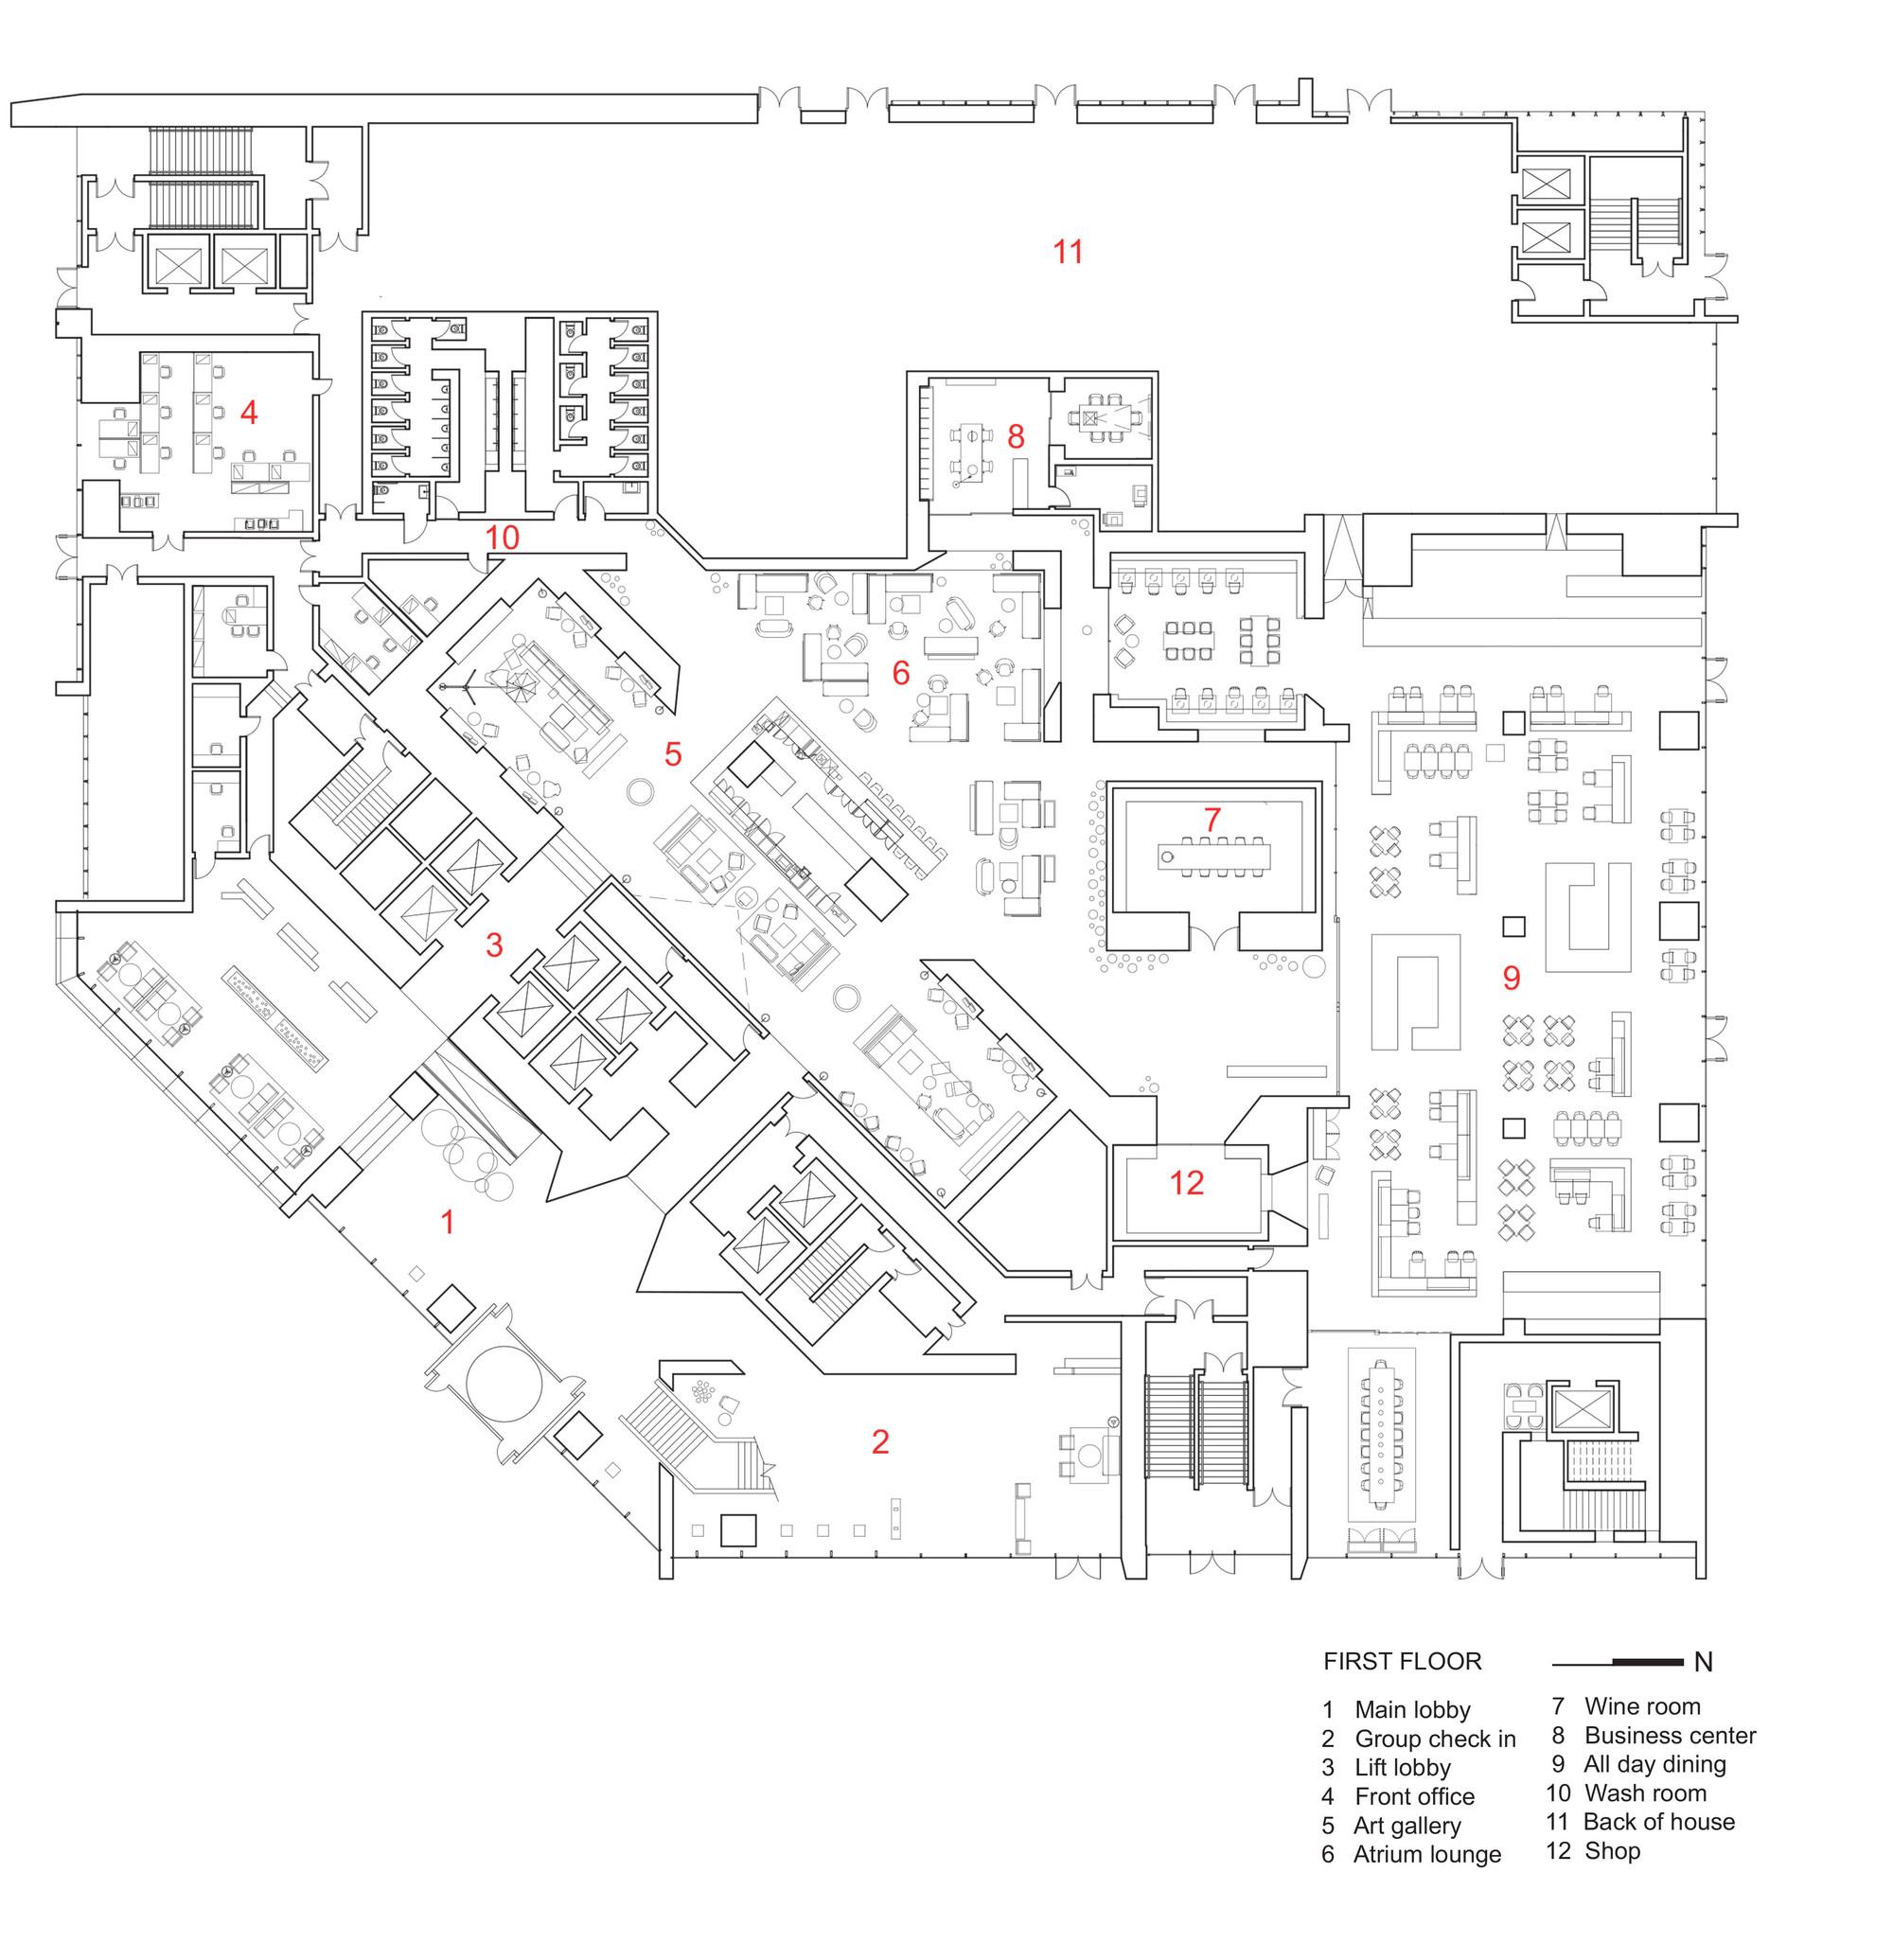 galeria de hotel le meridien zhengzhou neri hu design and research office 9